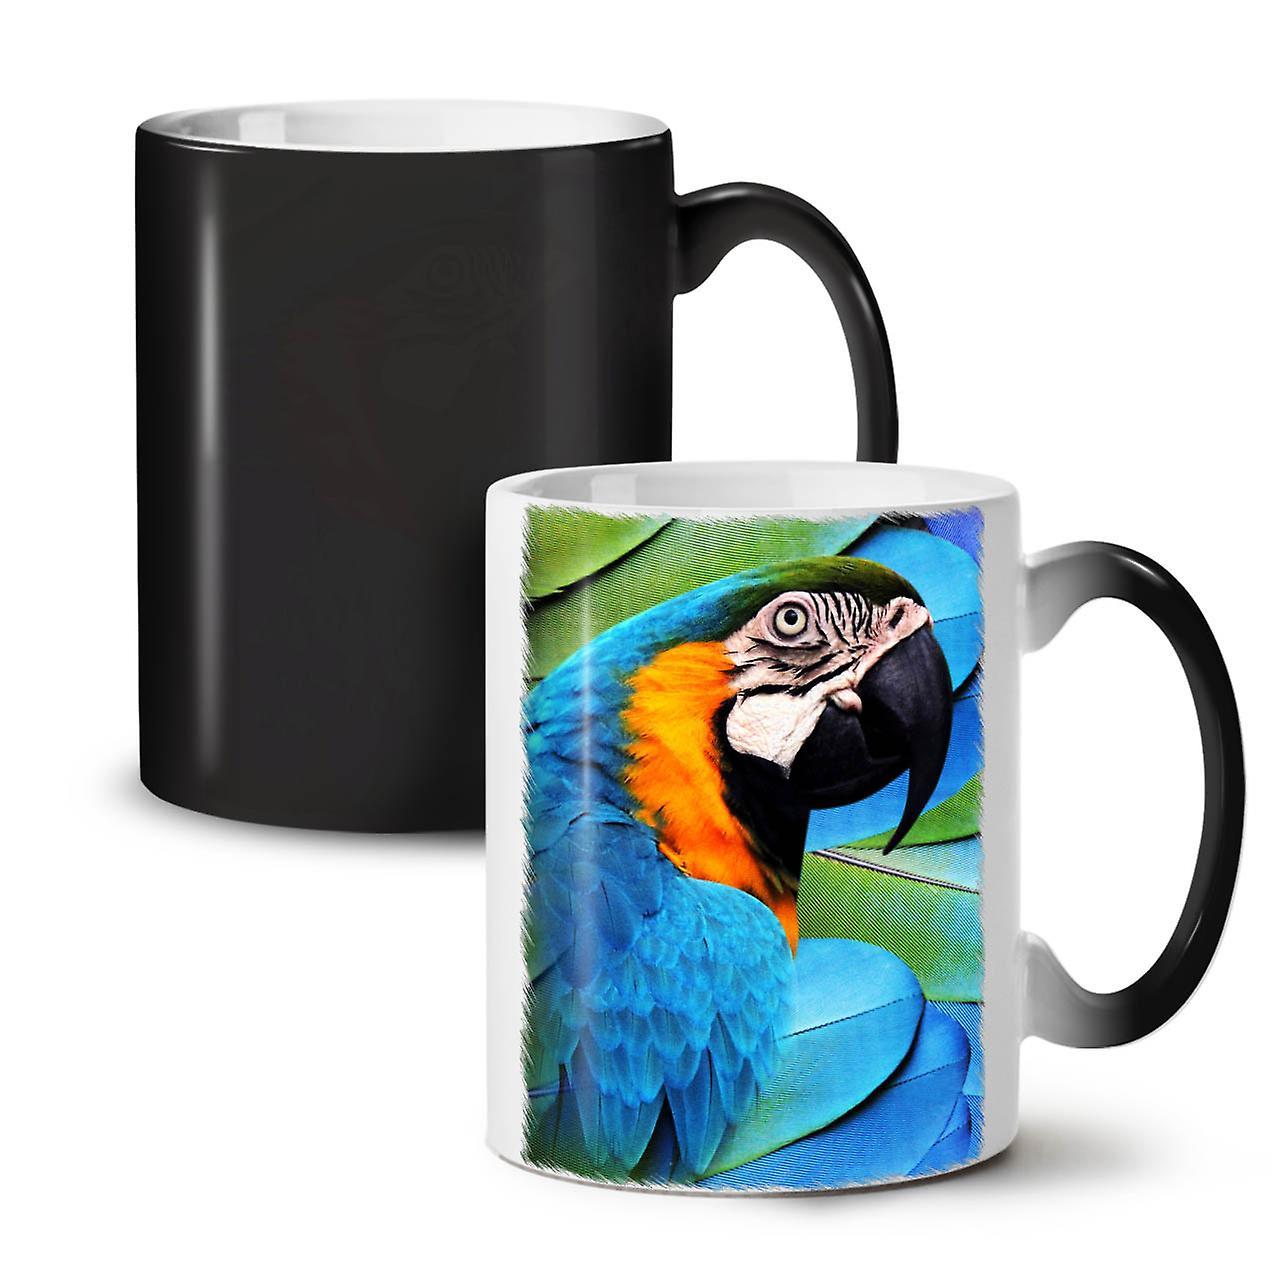 Oiseaux Nouveau De Café Mignon OzWellcoda Noir Perroquet Changeant Tasse 11 Thé Céramique Couleur vmwPy8nN0O